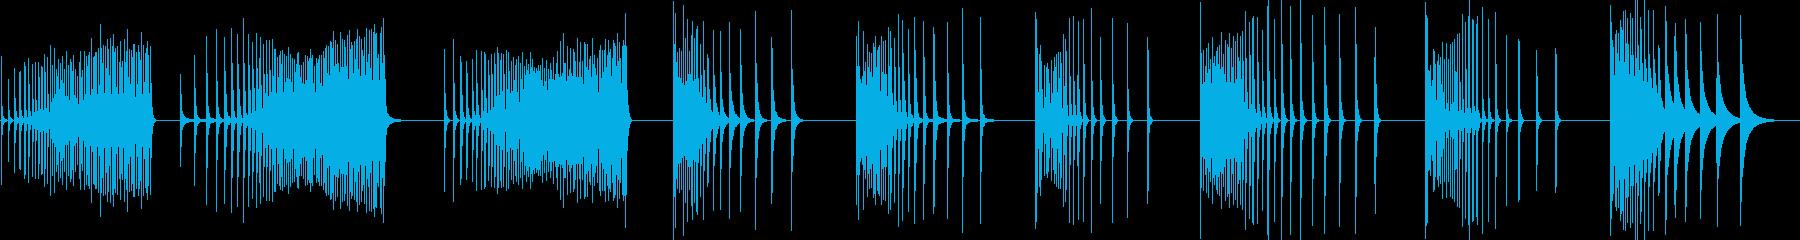 カウベル、ロール、9バージョン; ...の再生済みの波形